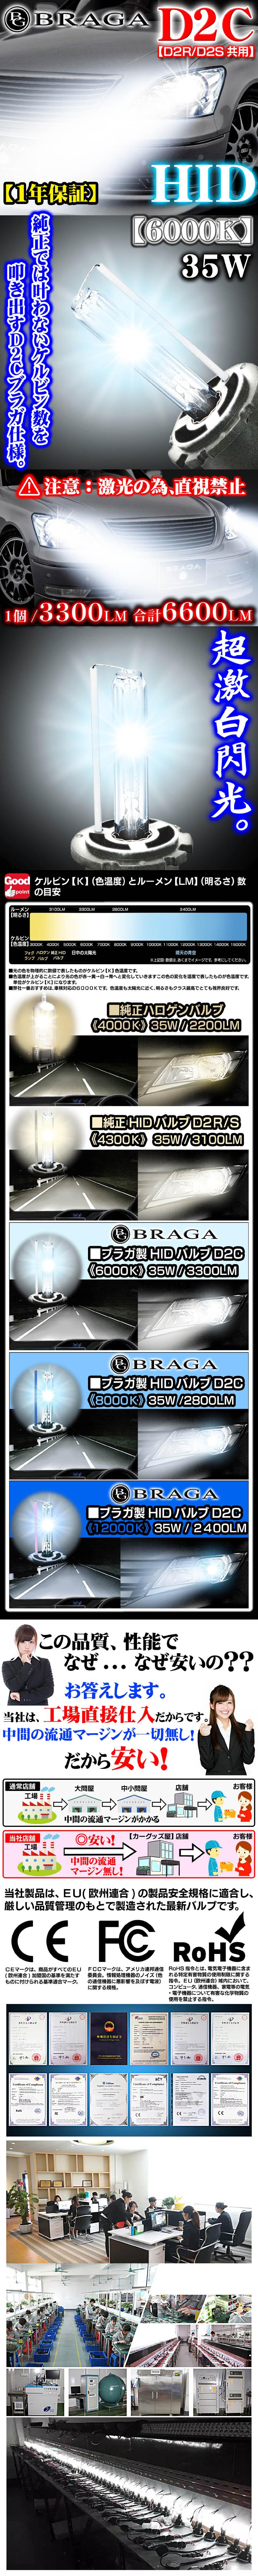 【トヨタ車】《6000K》D2C[D2R・D2S共用]タイプ2【2個セット】純正交換HIDバルブ/バーナー12V/24V共用/ブラガ製